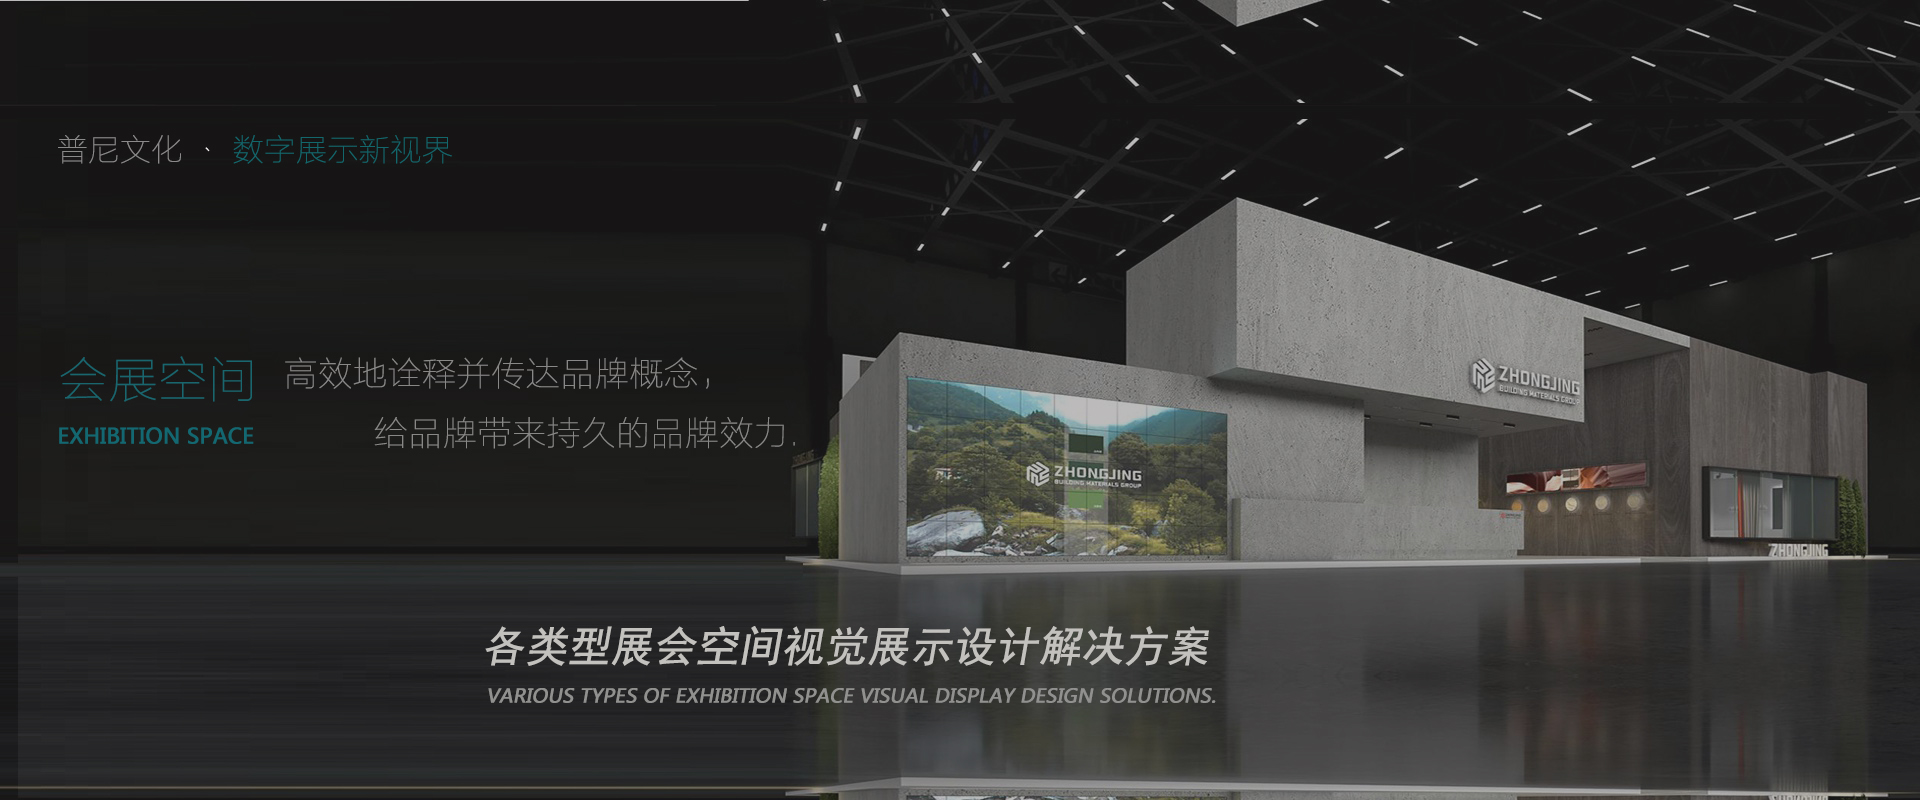 展馆展厅设计